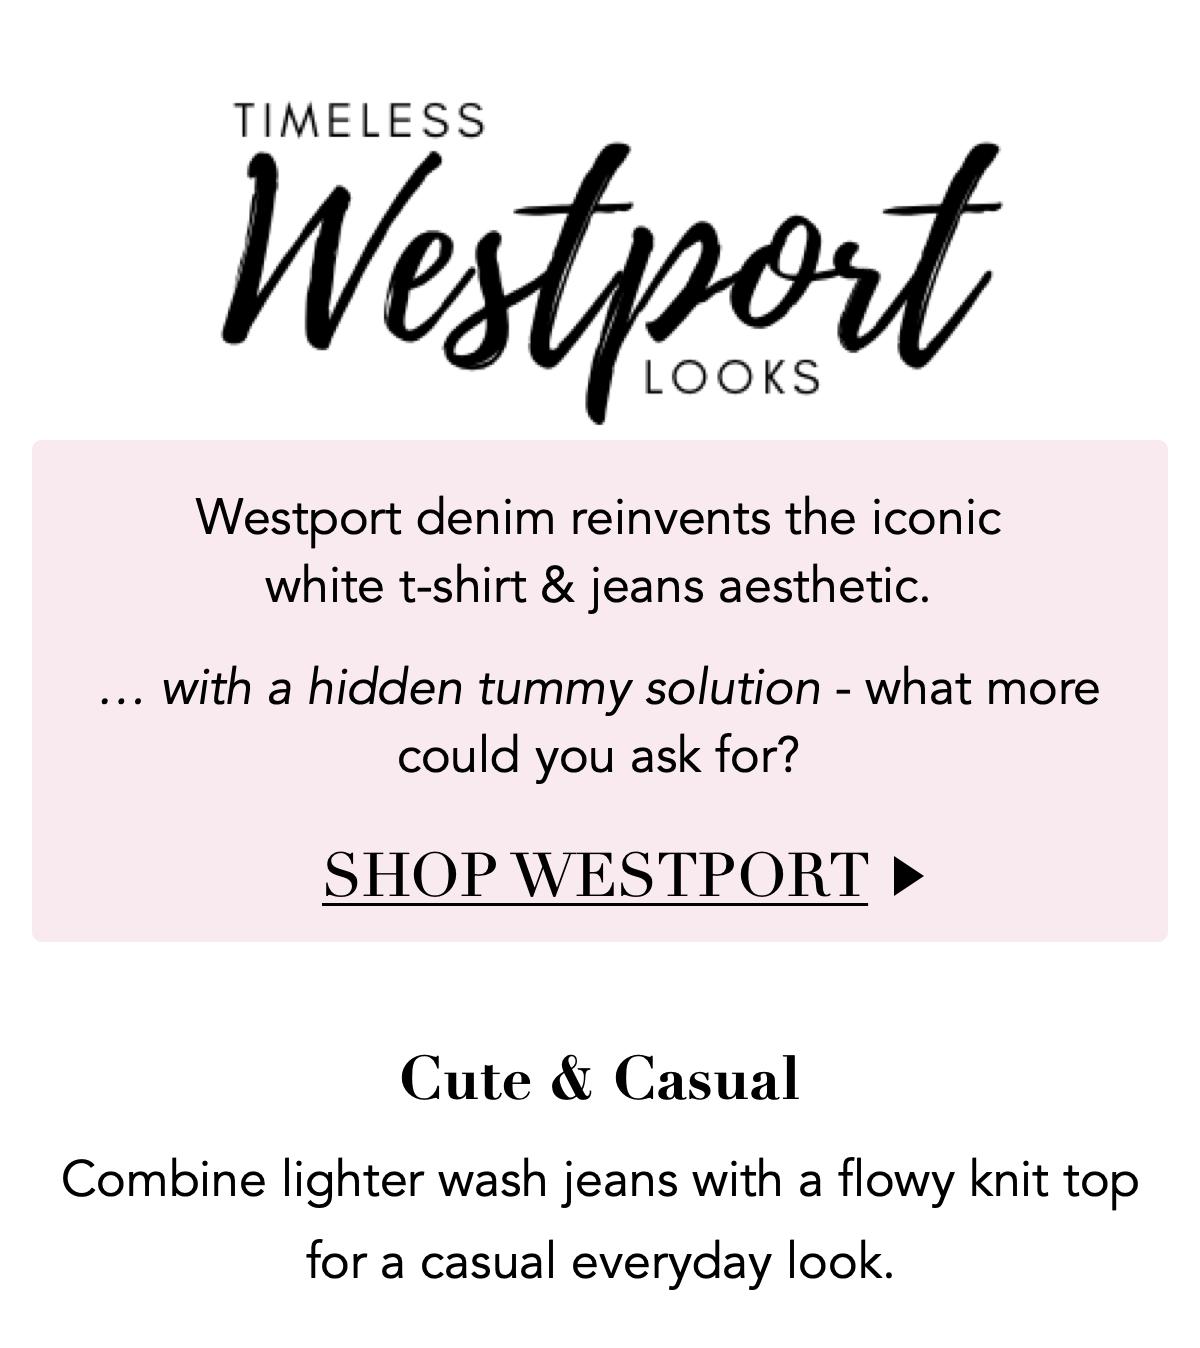 Shop Westport's Newest Styles